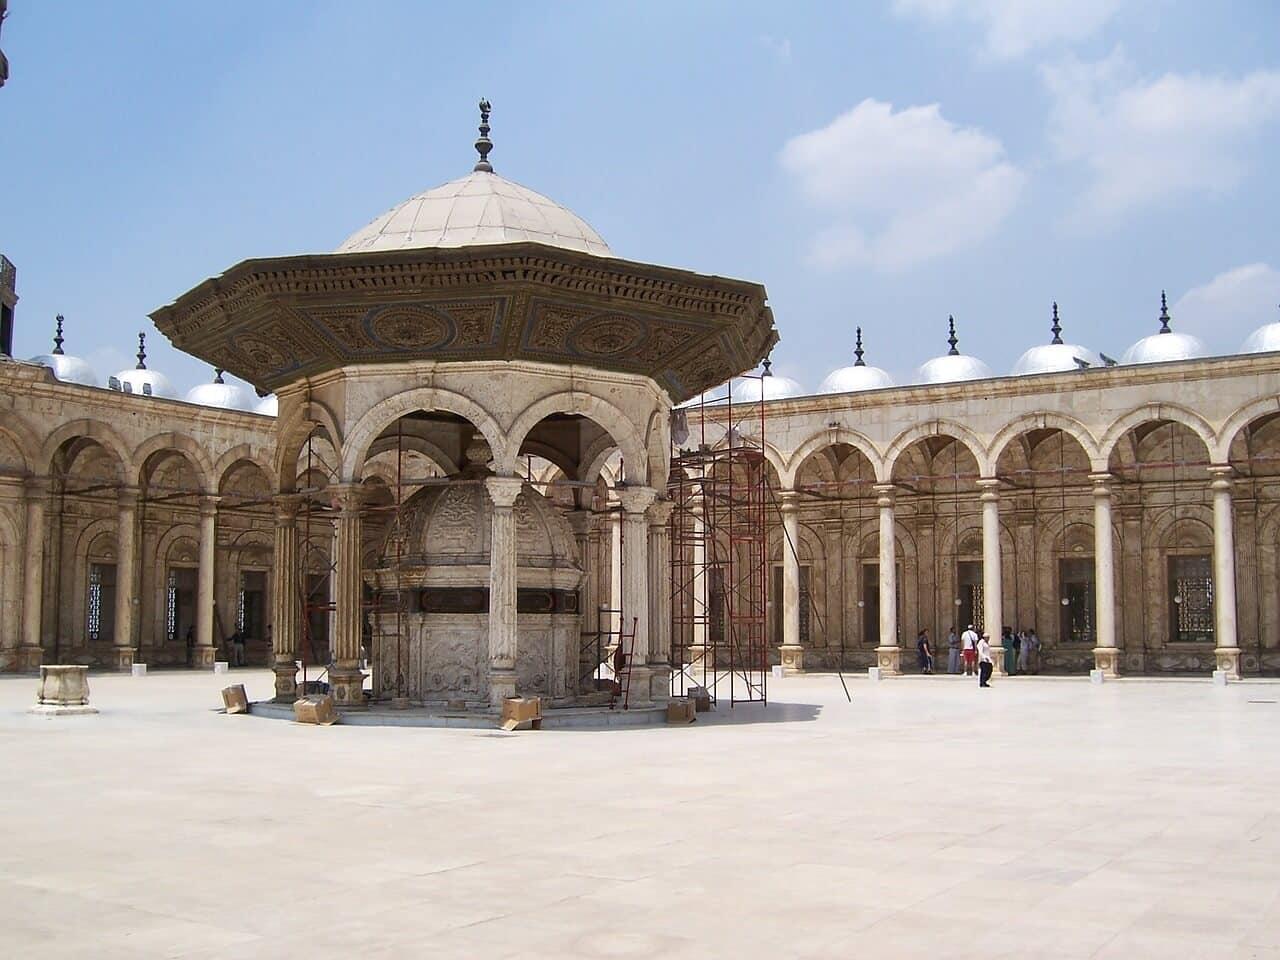 Verhaltensregeln für Touristen in arabischen Ländern